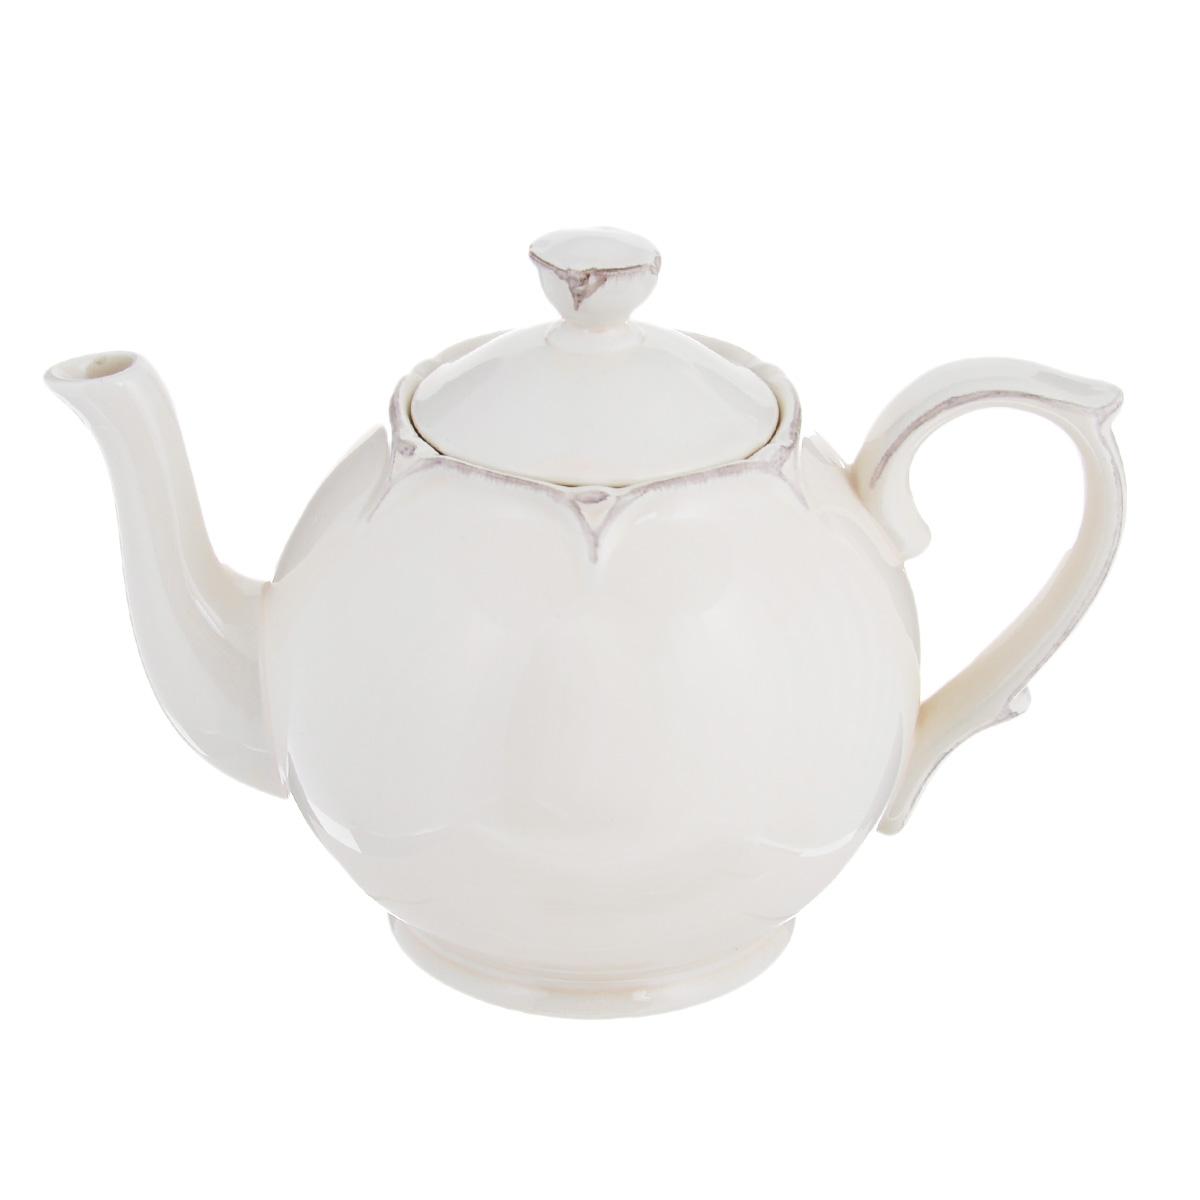 Чайник заварочный Lillo Ideal, цвет: молочный, 1 л214198Чайник заварочный Lillo Ideal изготовлен из высококачественной керамики. Чайник станет отличным дополнением к вашему кухонному инвентарю, а также украсит сервировку стола и подчеркнет прекрасный вкус хозяина. Можно использовать в посудомоечной машине и микроволновой печи. Диаметр чайника (по верхнему краю): 6,5 см. Диаметр основания чайника: 8,5 см. Высота чайника (без учета крышки и ручки): 12,5 см. Объем чайника: 1 л.